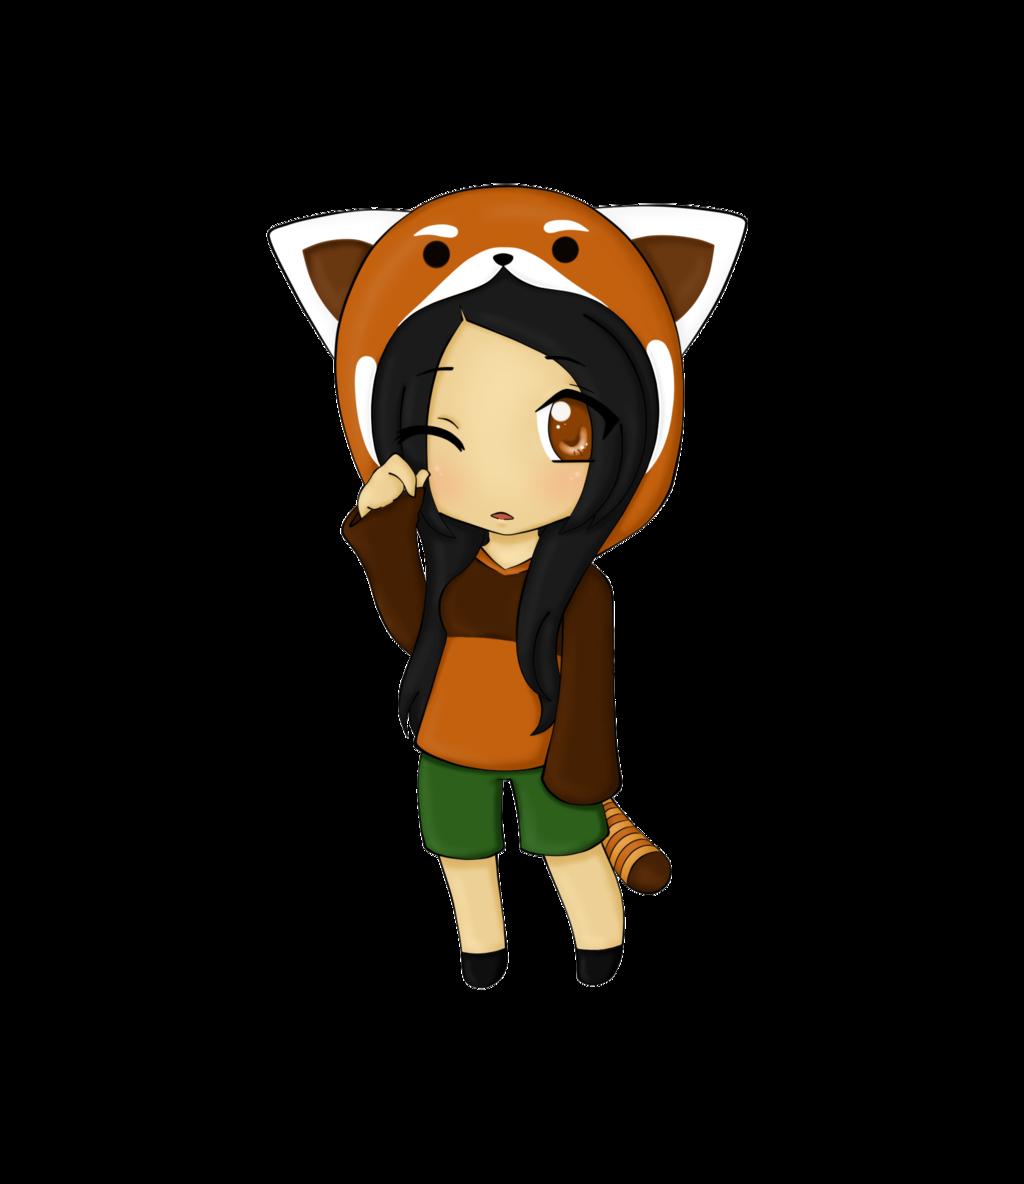 1024x1184 Sleepy Red Panda By Chibipandamonster